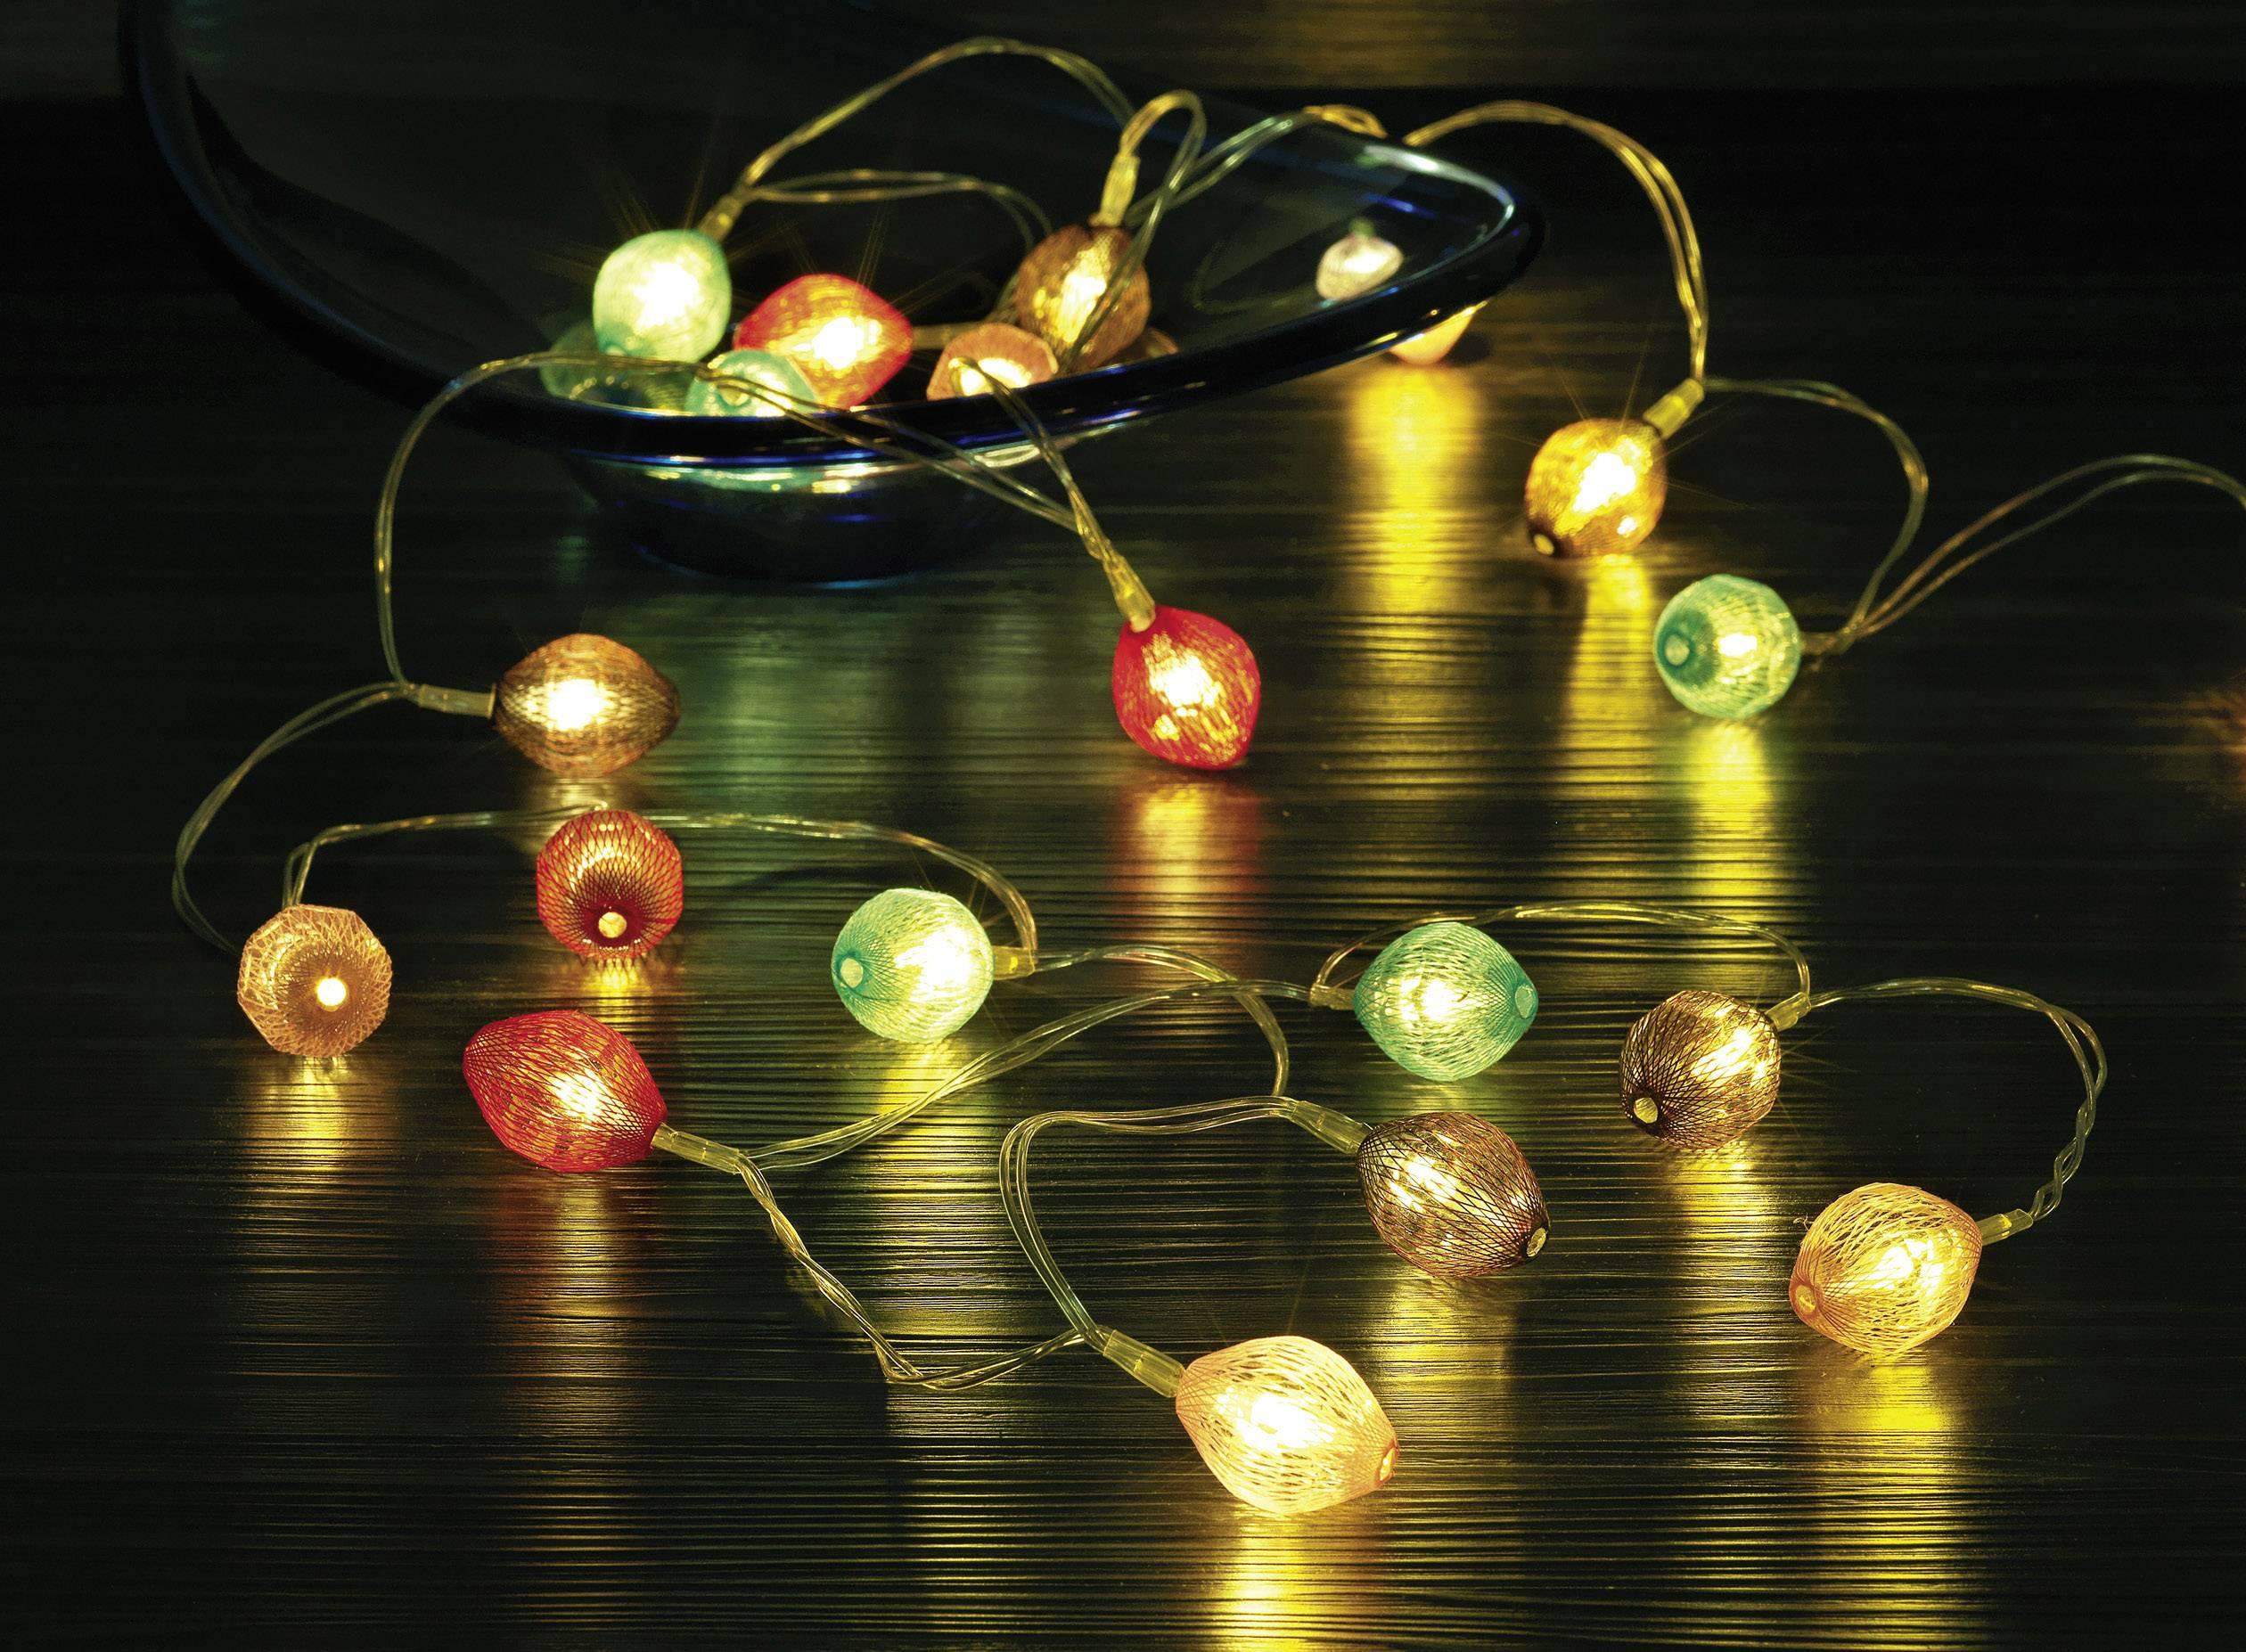 Světelný LED řetěz s motivem diamantu Polarlite LBA-20-005, 20 LED, 2,2 m